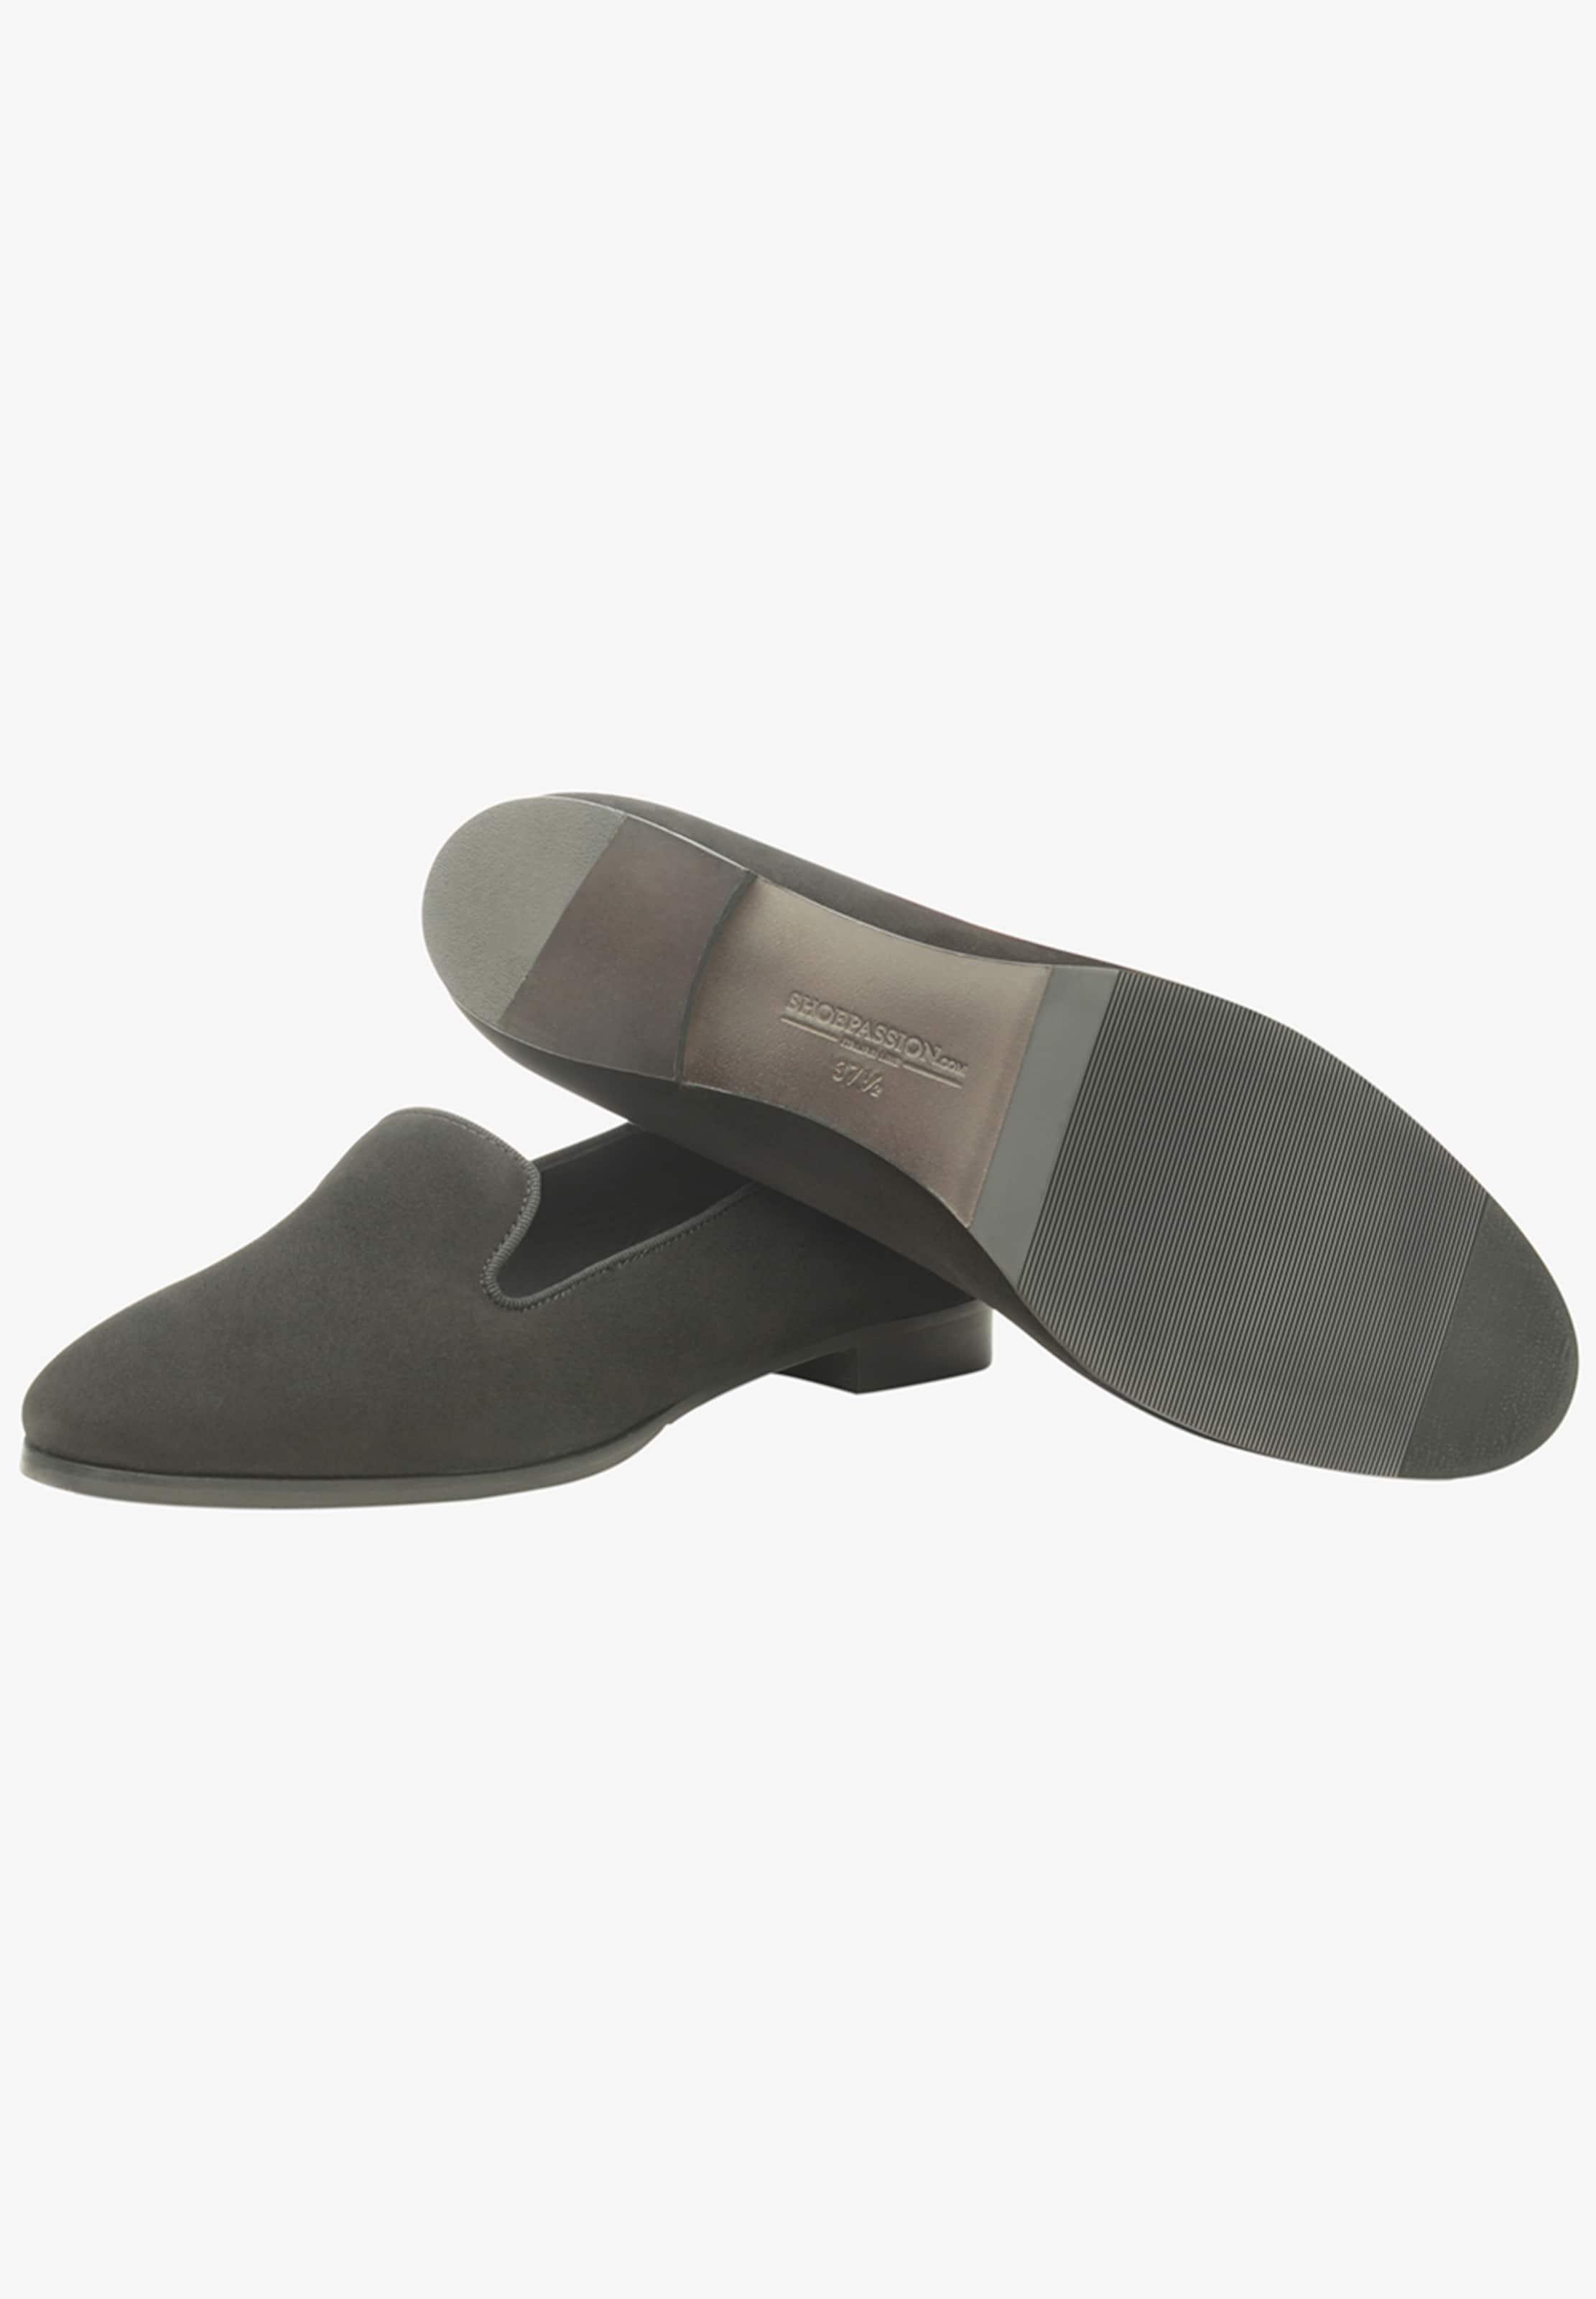 SchuhePASSION Loafer 'No. 20 WL Leder Wilde Freizeitschuhe Freizeitschuhe Freizeitschuhe cc1b61